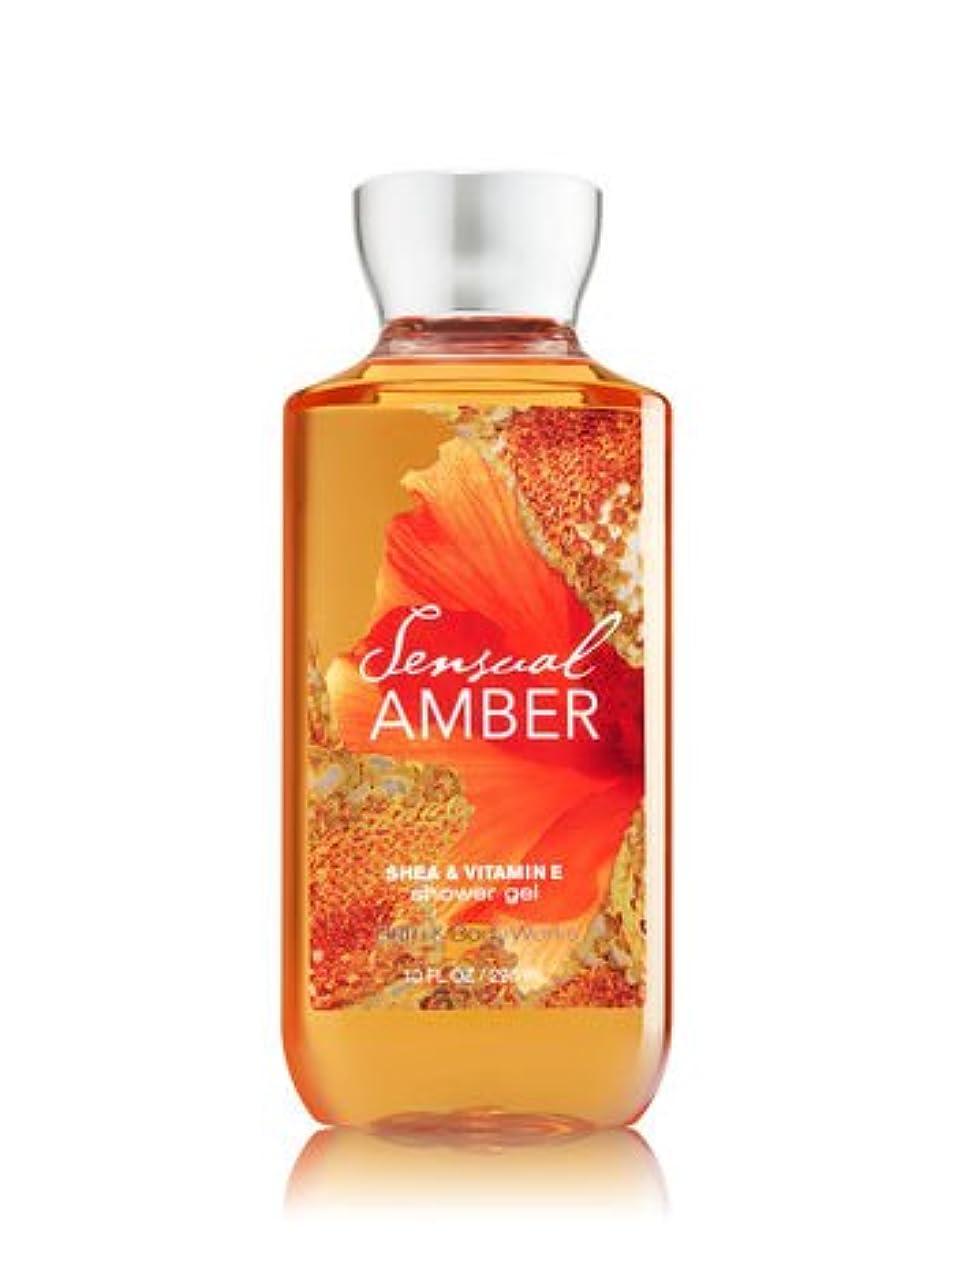 受け入れたフォーカス戻るバス&ボディワークス センシュアルアンバー シャワージェル Sensual Amber Shower Gel [並行輸入品]